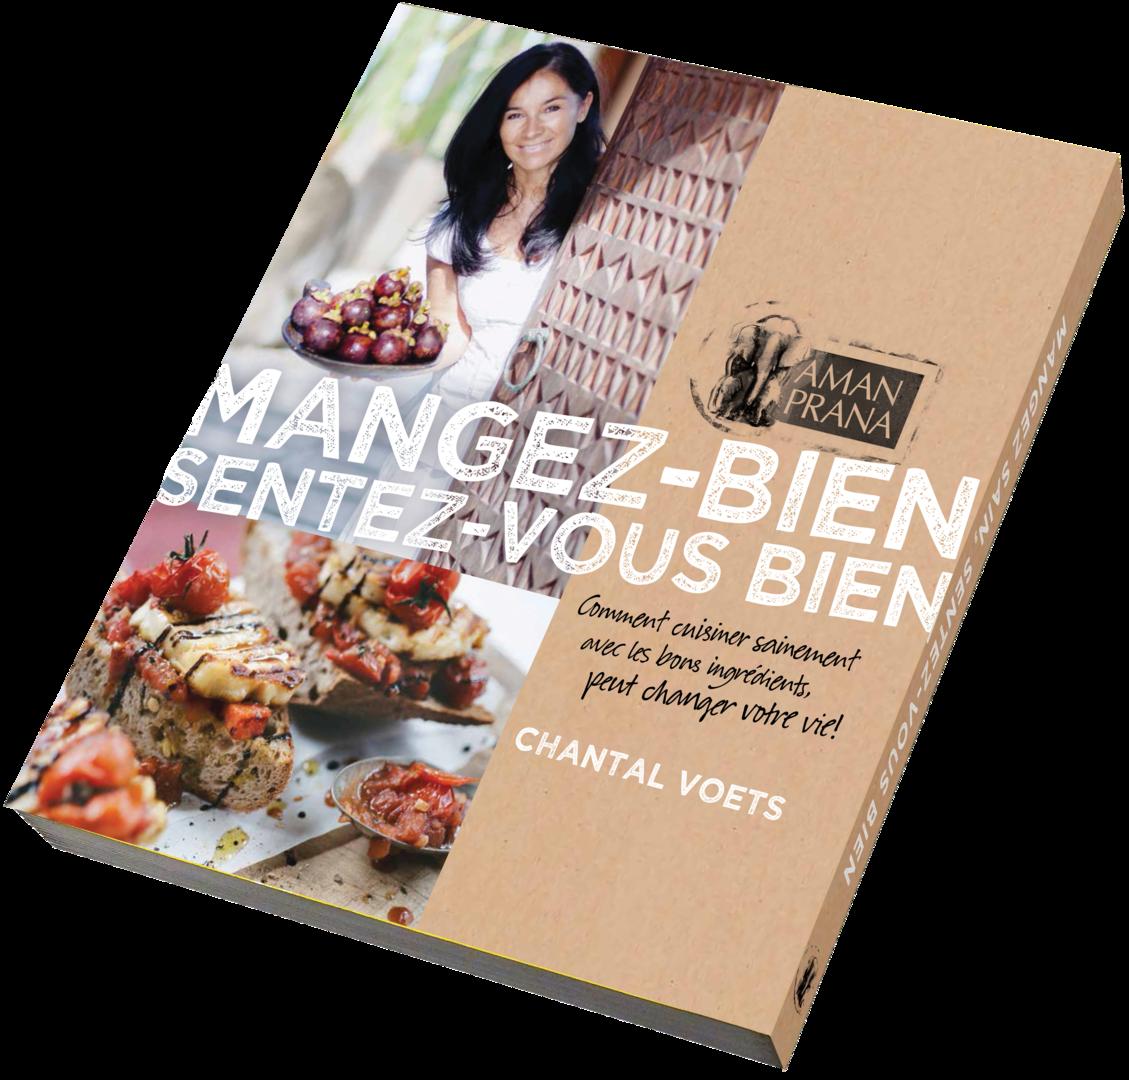 Manger bien, sentez-vous bien : le livre de la fondatrice d'Amanprana, Chantal Voets. Rempli de délicieuses recettes saines avec des produits Amanprana